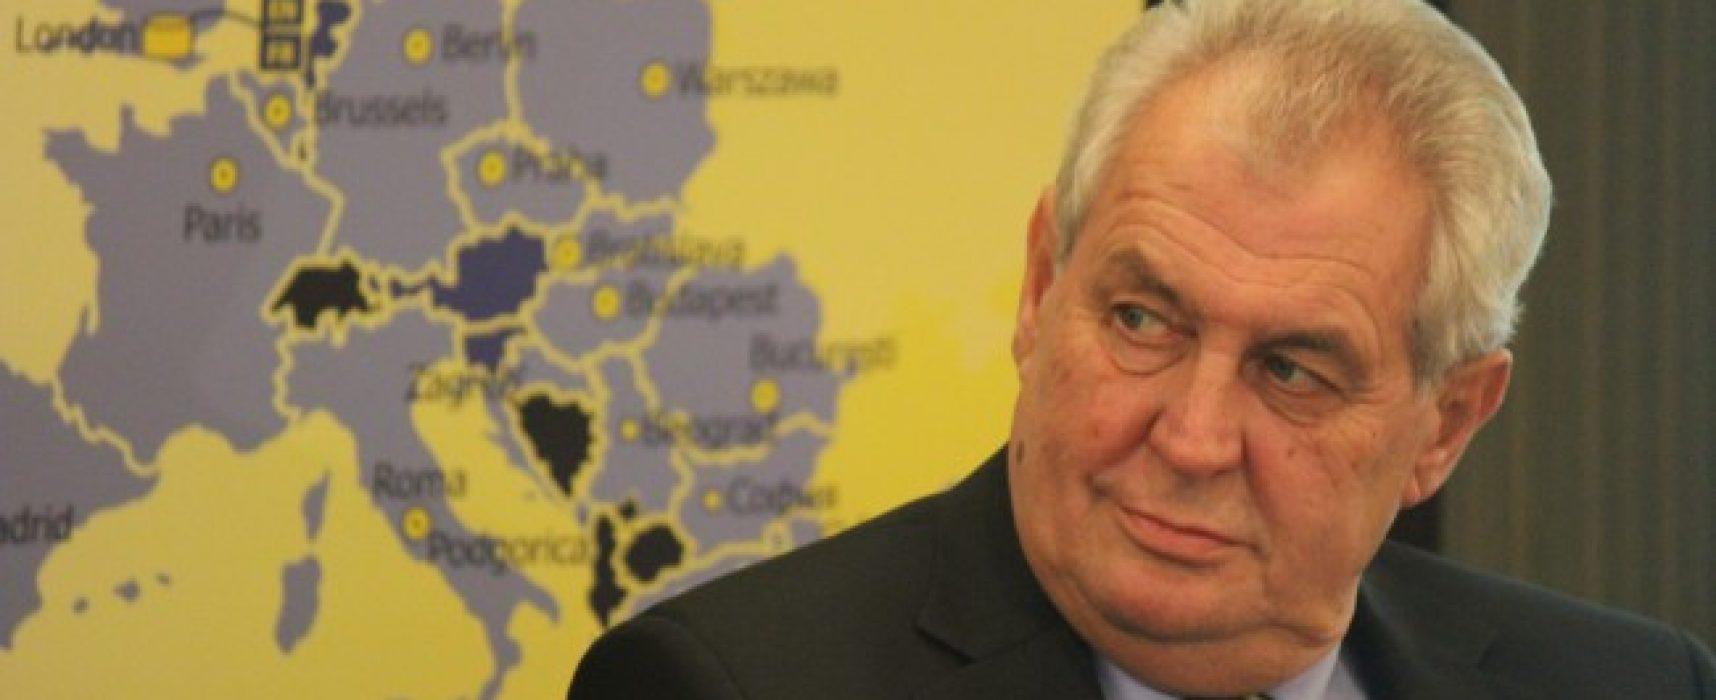 Česká debata o Ukrajině během Euromajdanu a poté